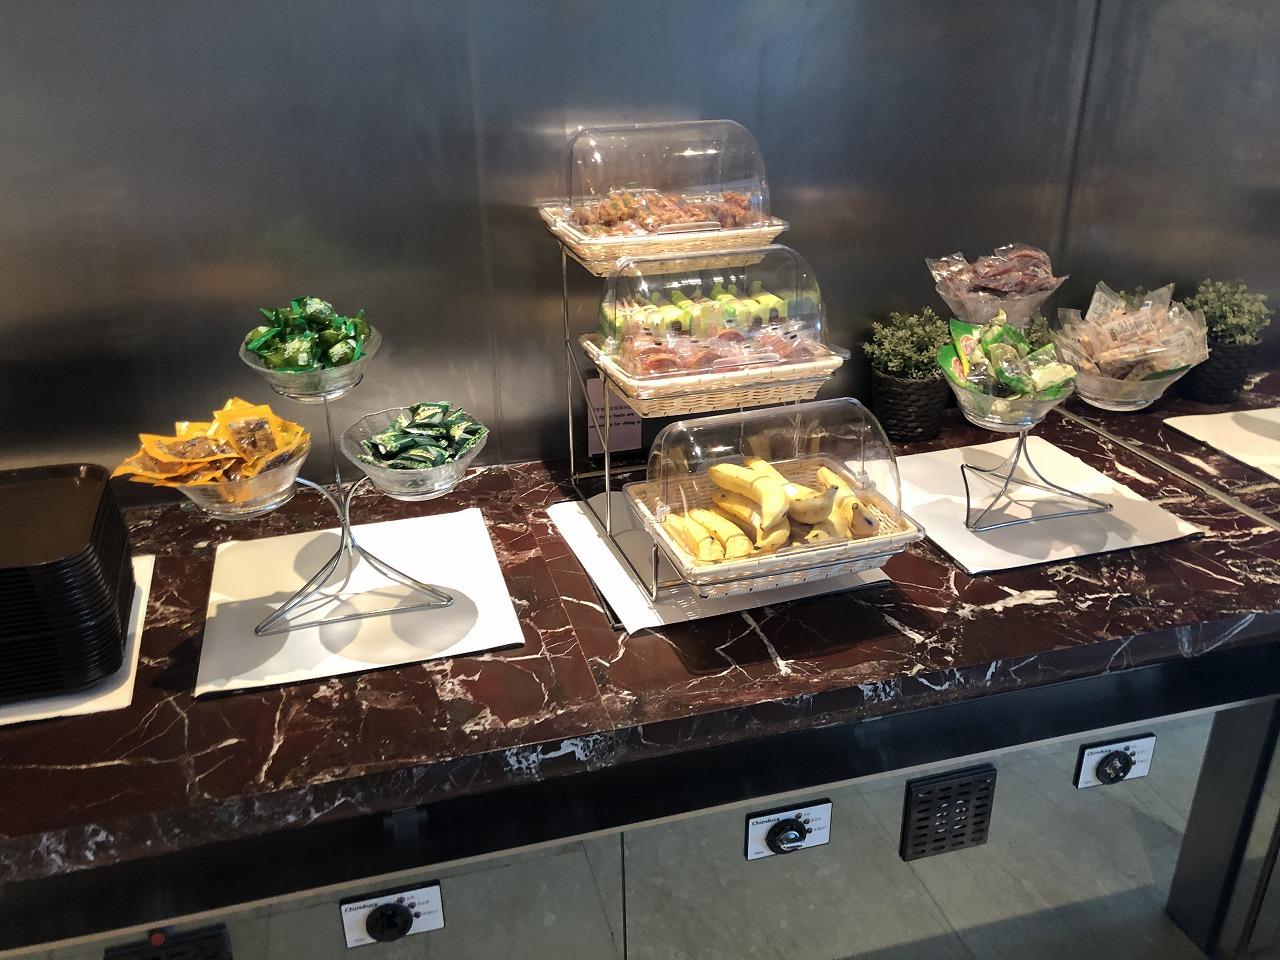 上海浦東空港ターミナル1国内線でプライオリティ・パスが使えるラウンジ 食事